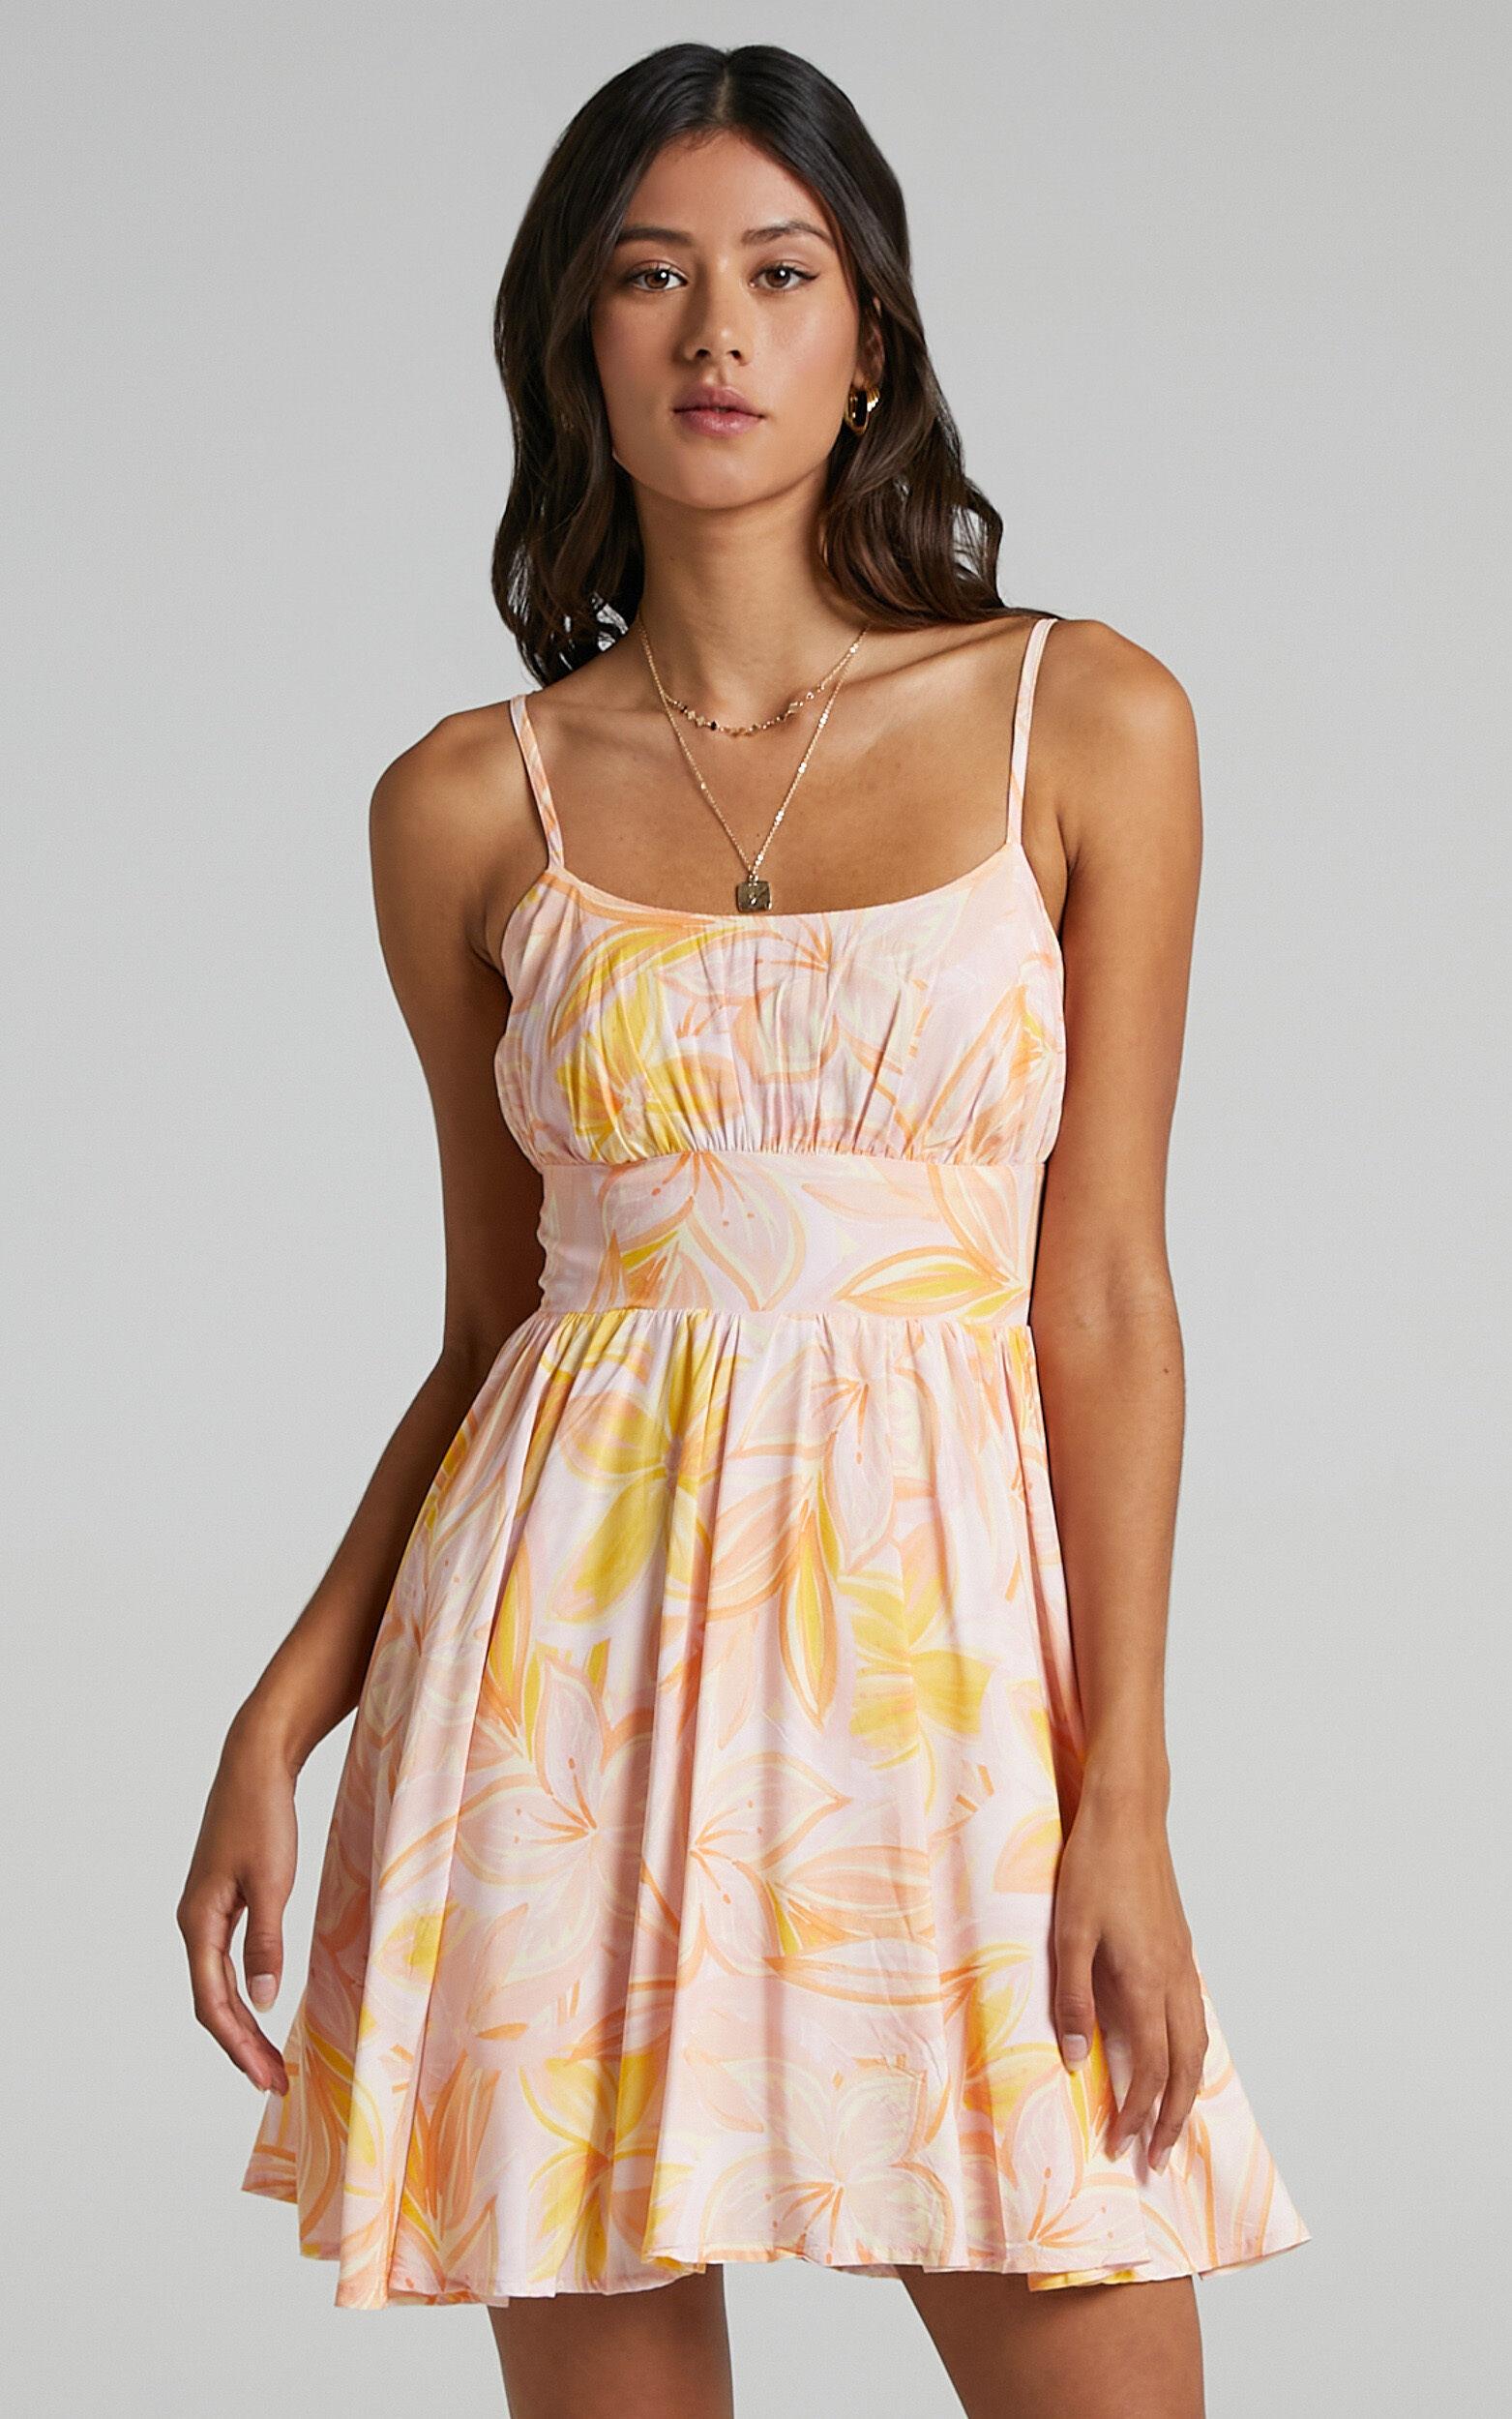 Summer Jam Sweetheart Mini Dress in Summer Floral - 06, PNK2, super-hi-res image number null